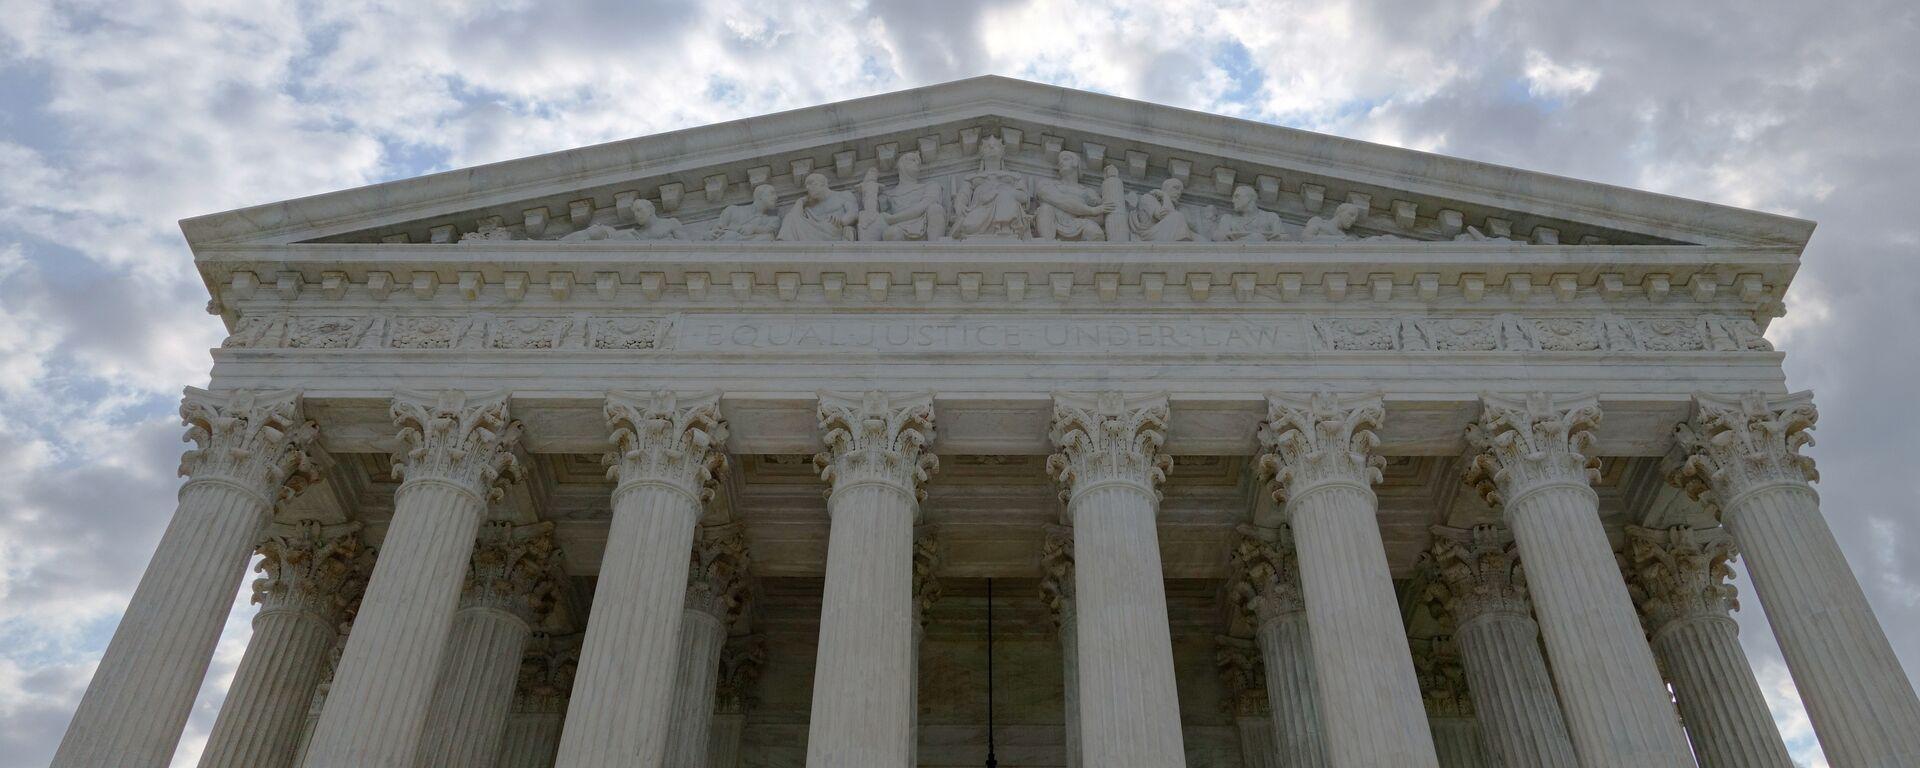 La Corte Suprema de EEUU en Washington - Sputnik Mundo, 1920, 26.04.2021